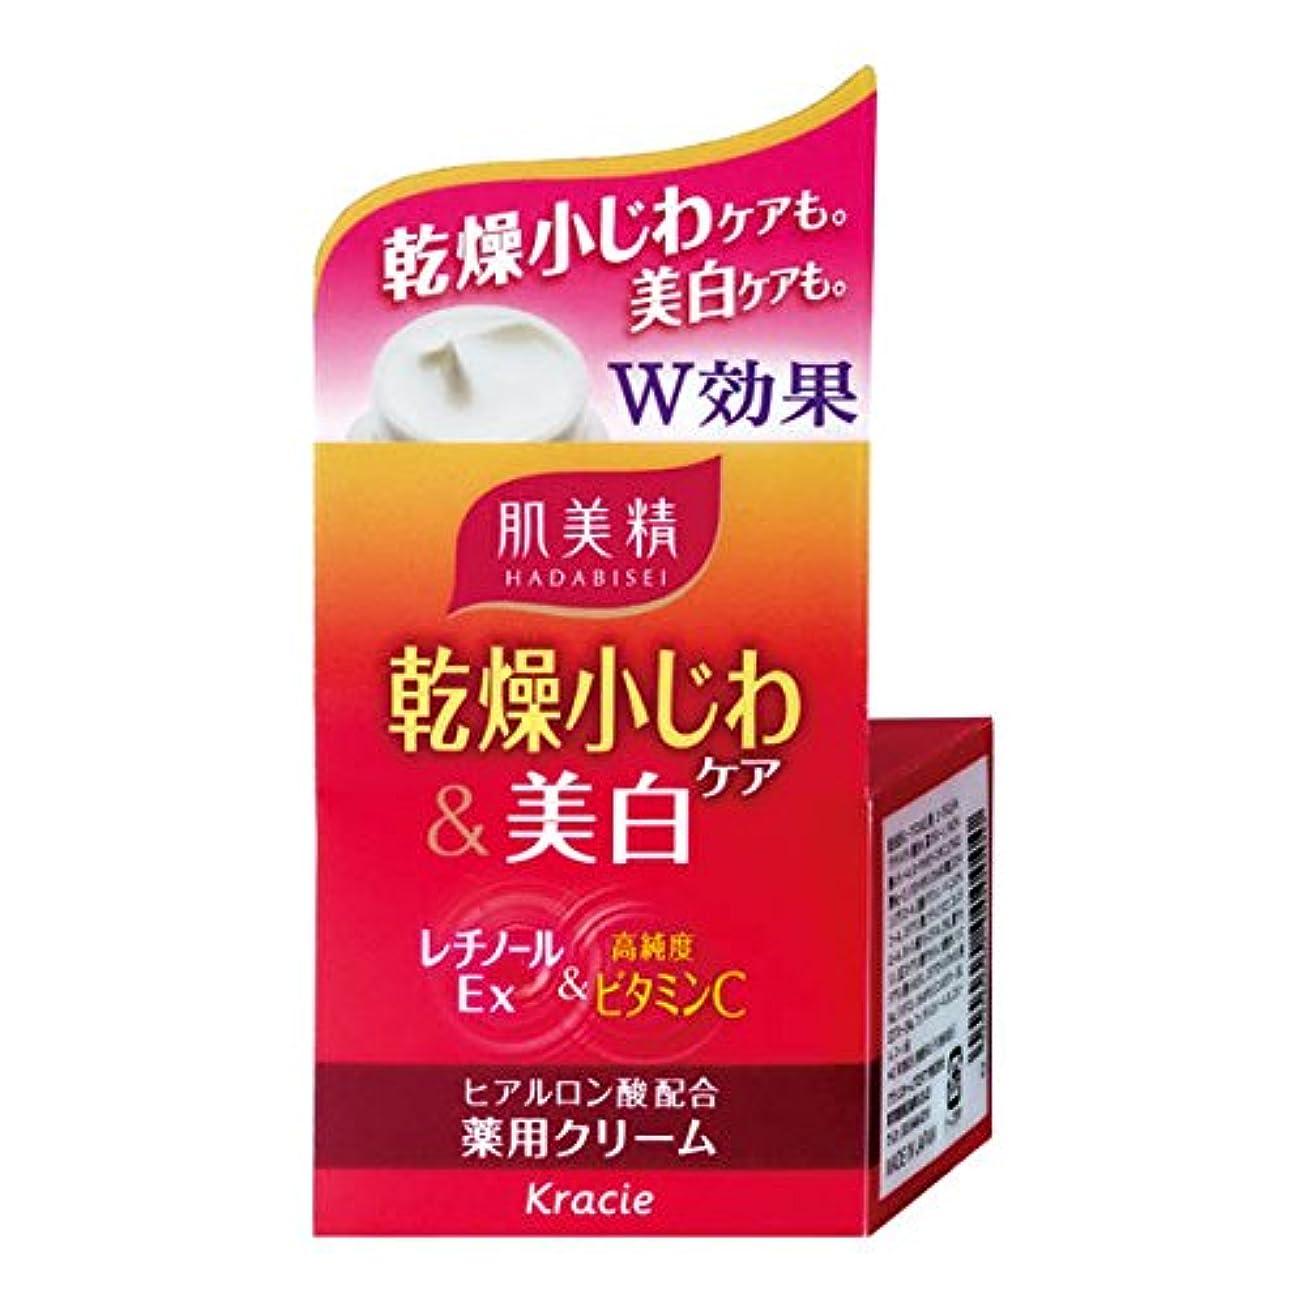 自伝のぞき穴閉塞肌美精 乾燥小じわケア&美白 薬用クリーム 50g 【医薬部外品】